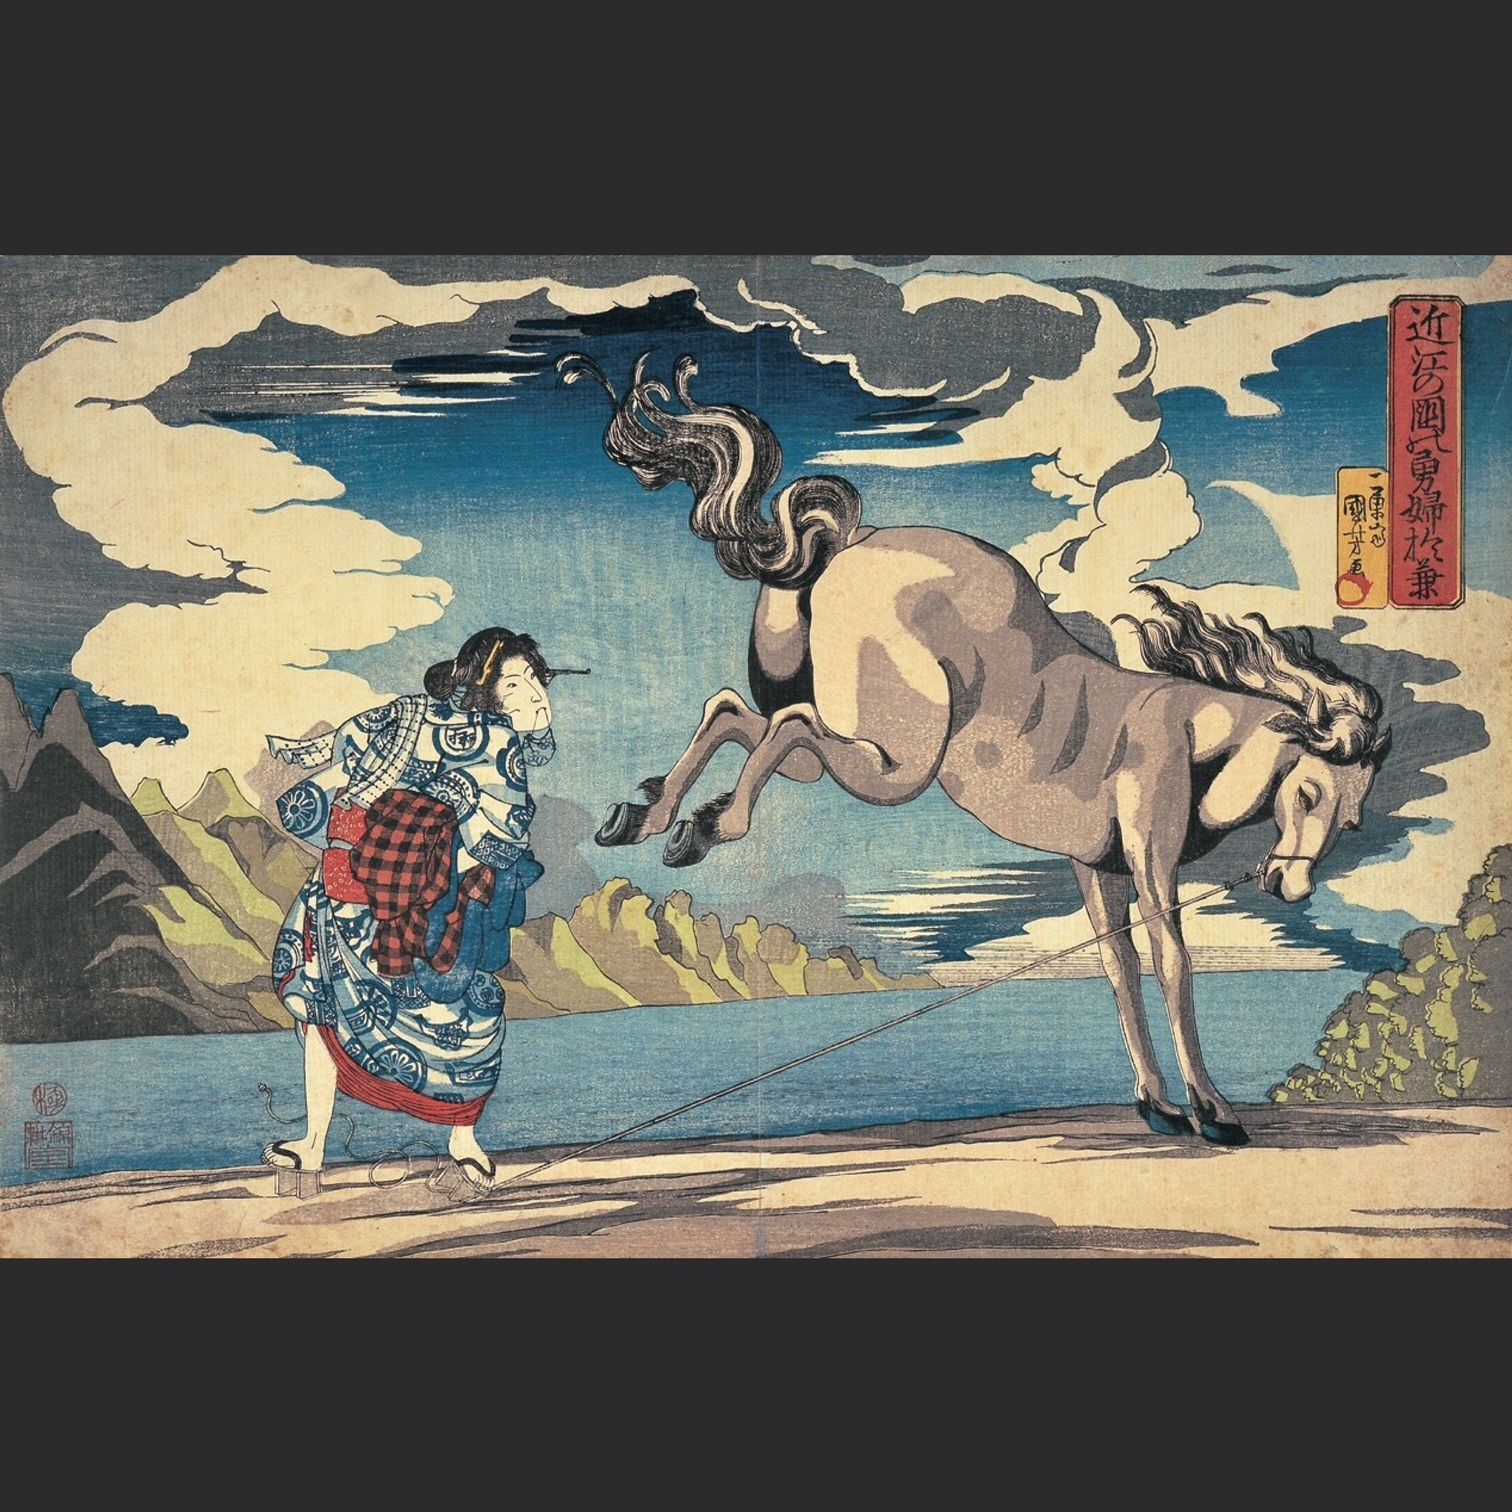 【『奇想の系譜』補講その1】辻先生最愛の作品はどれ?_1_1-3